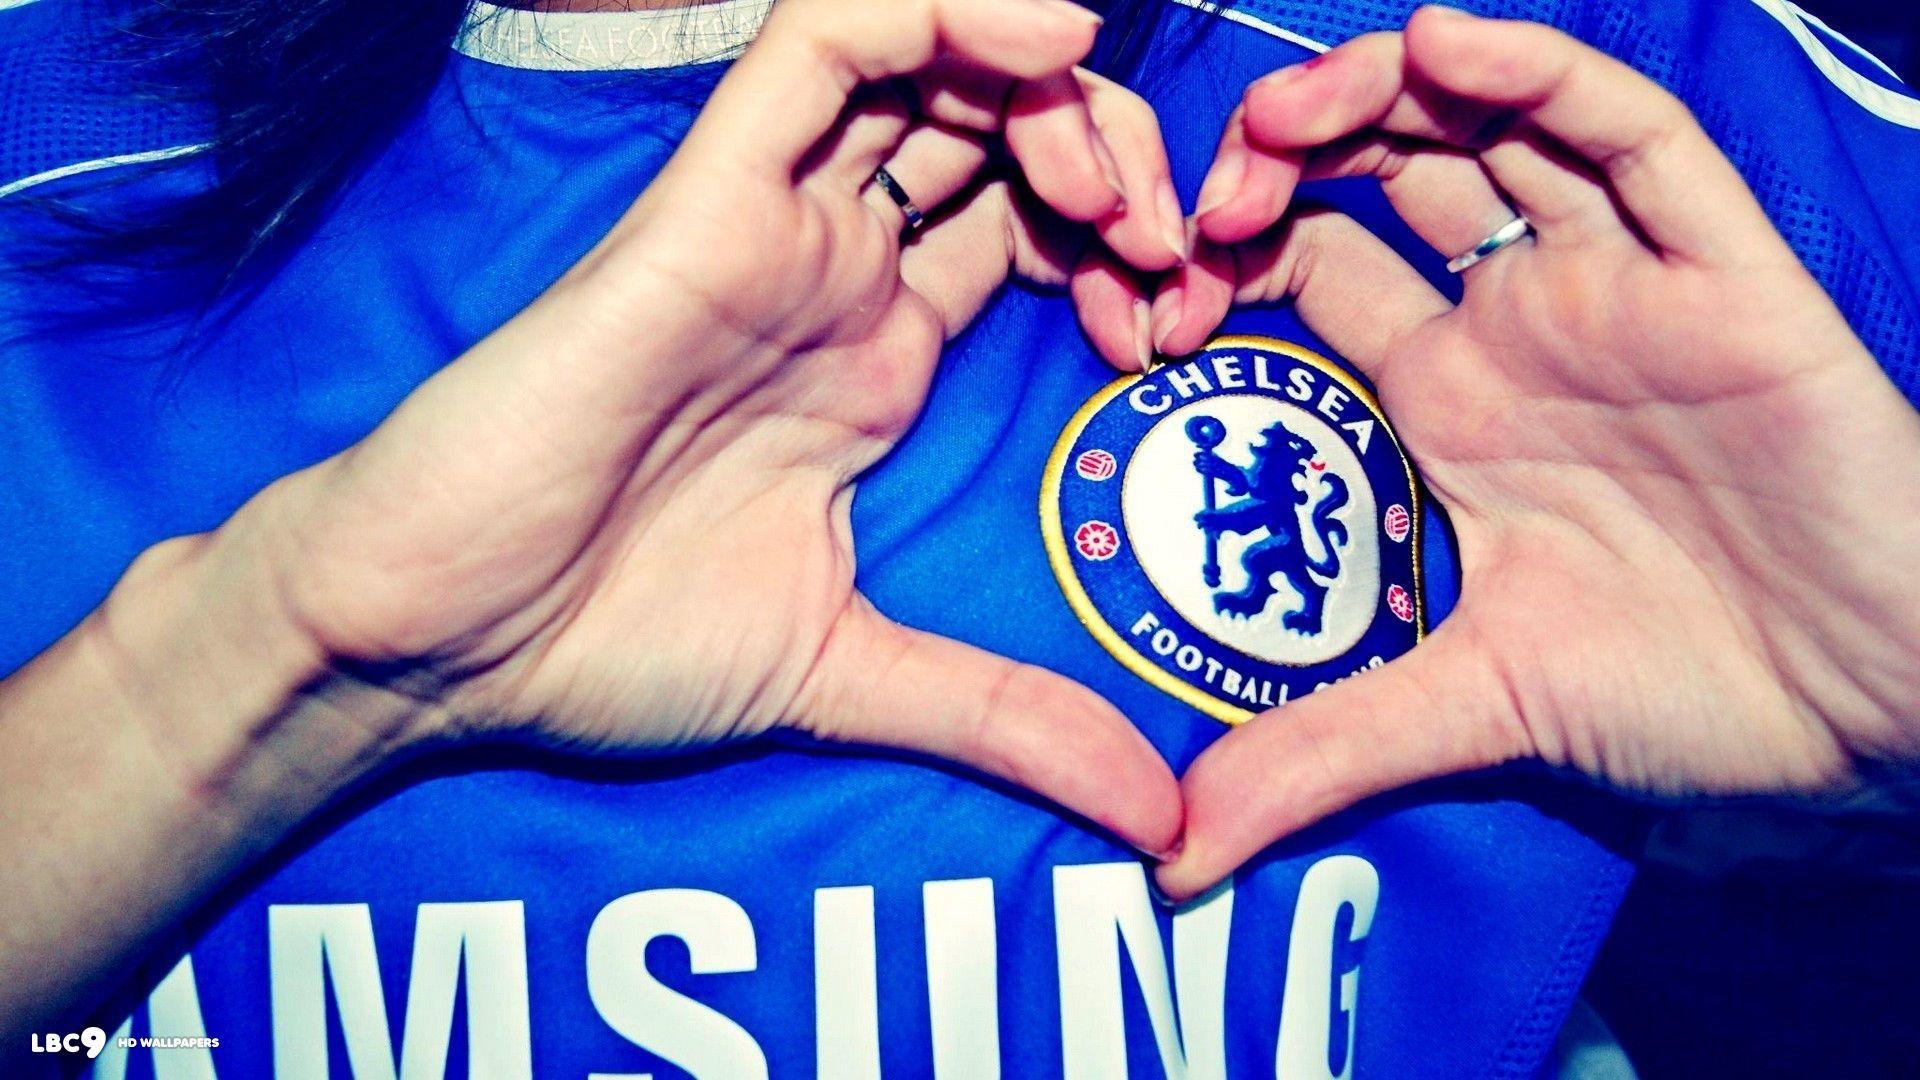 1920x1080 Love Chelsea 1920x1080